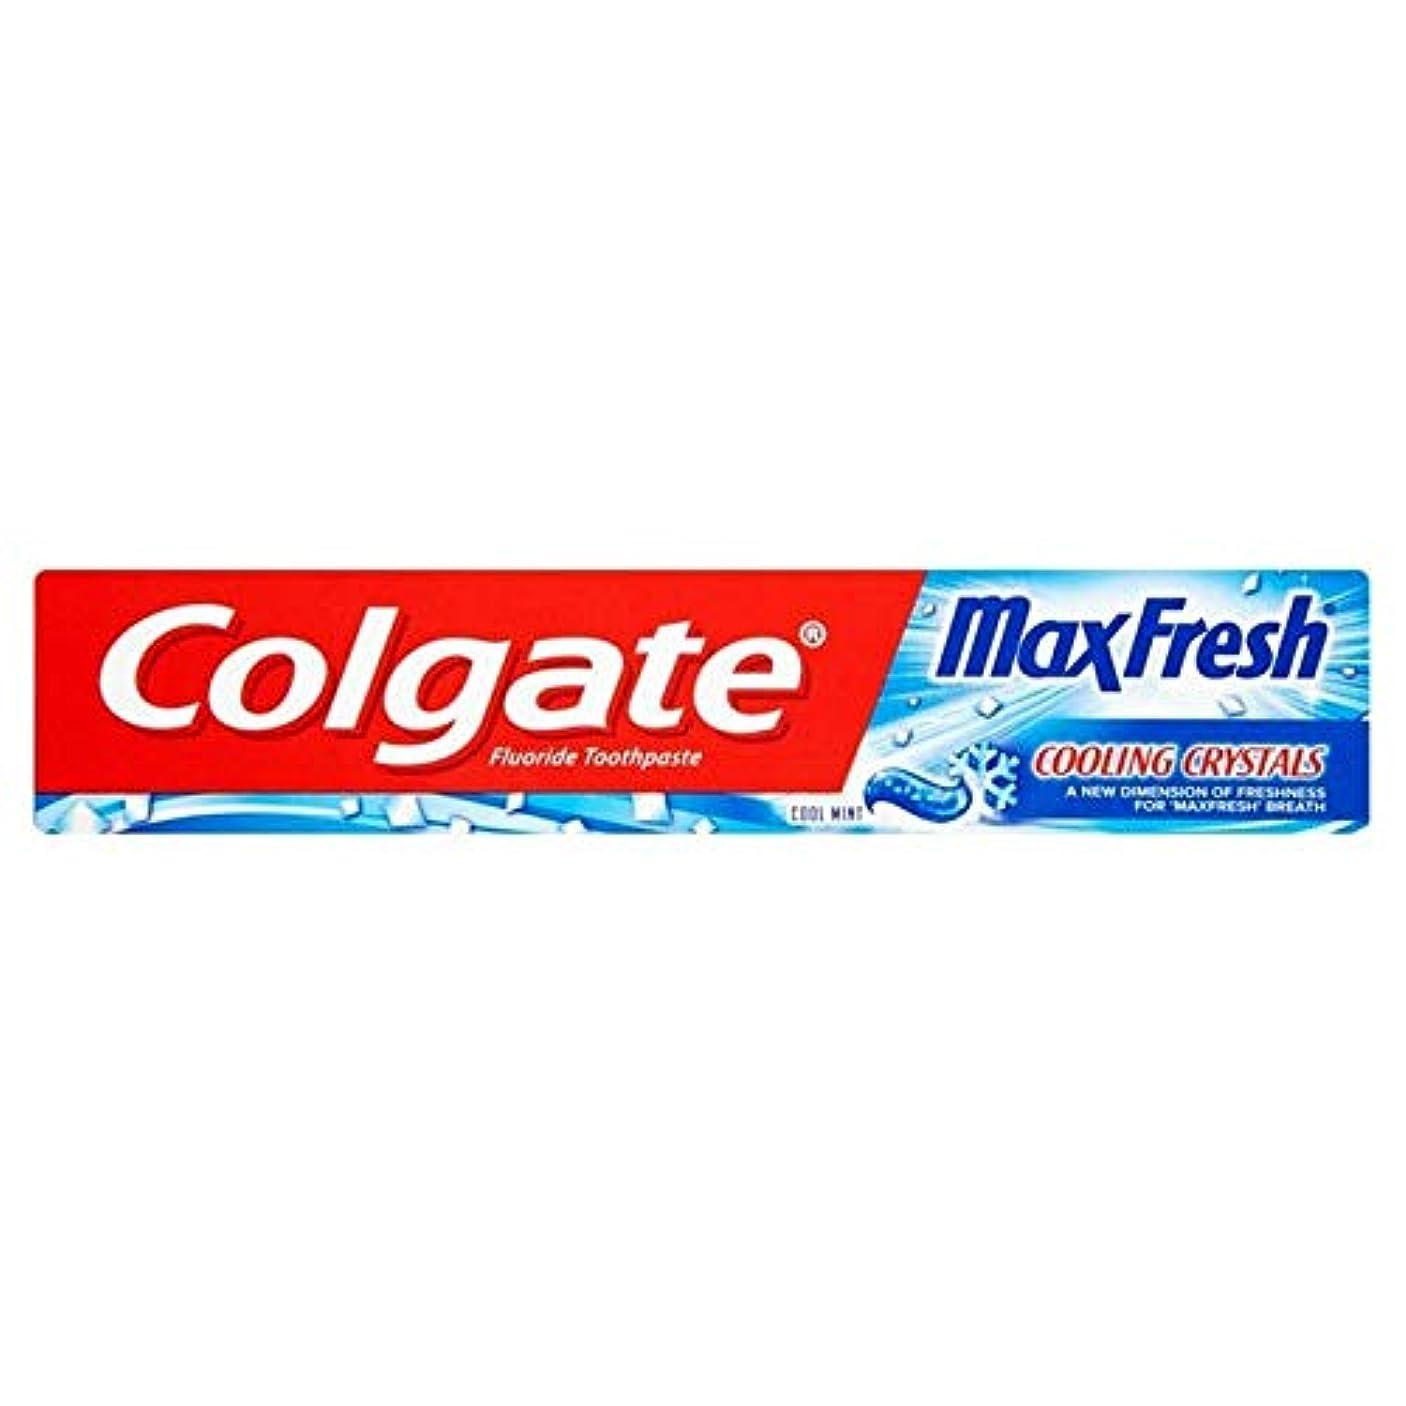 誕生日元の馬鹿[Colgate ] 冷却結晶歯磨き粉75ミリリットル新鮮なコルゲートマックス - Colgate Max Fresh with Cooling Crystals Toothpaste 75ml [並行輸入品]